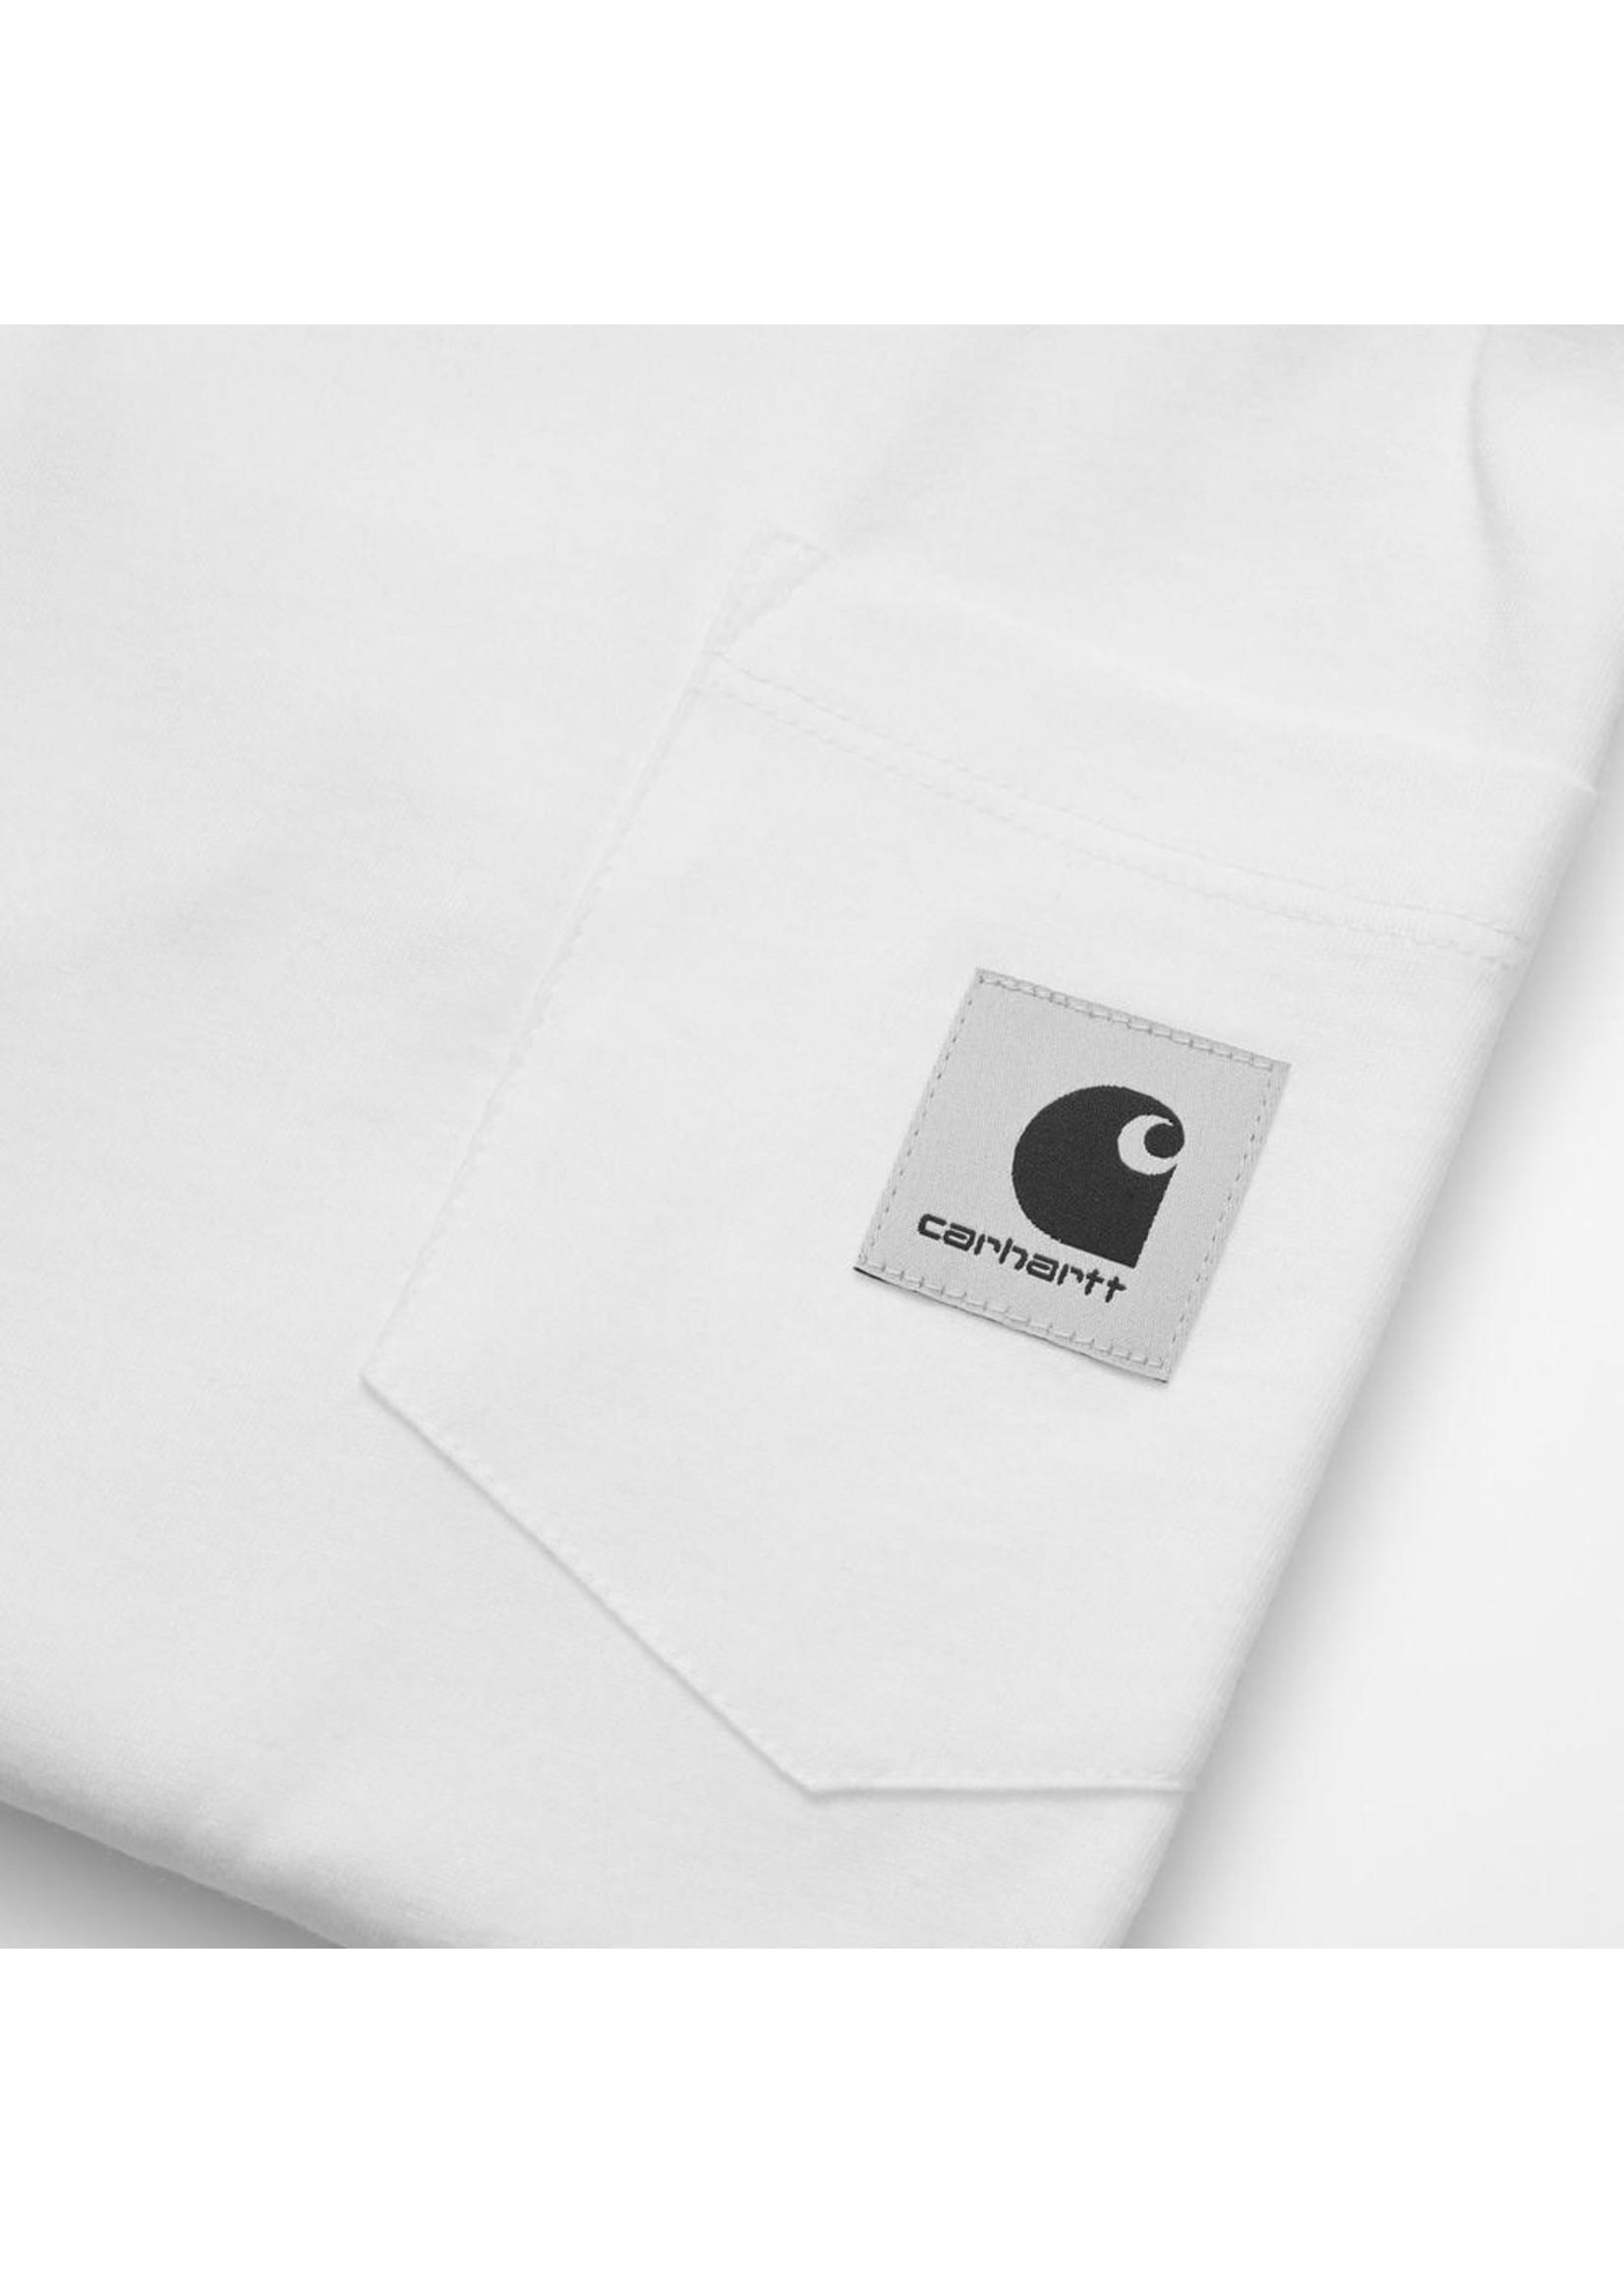 Carhartt Work In Progress Women's Long Sleeve Pocket Tee in White